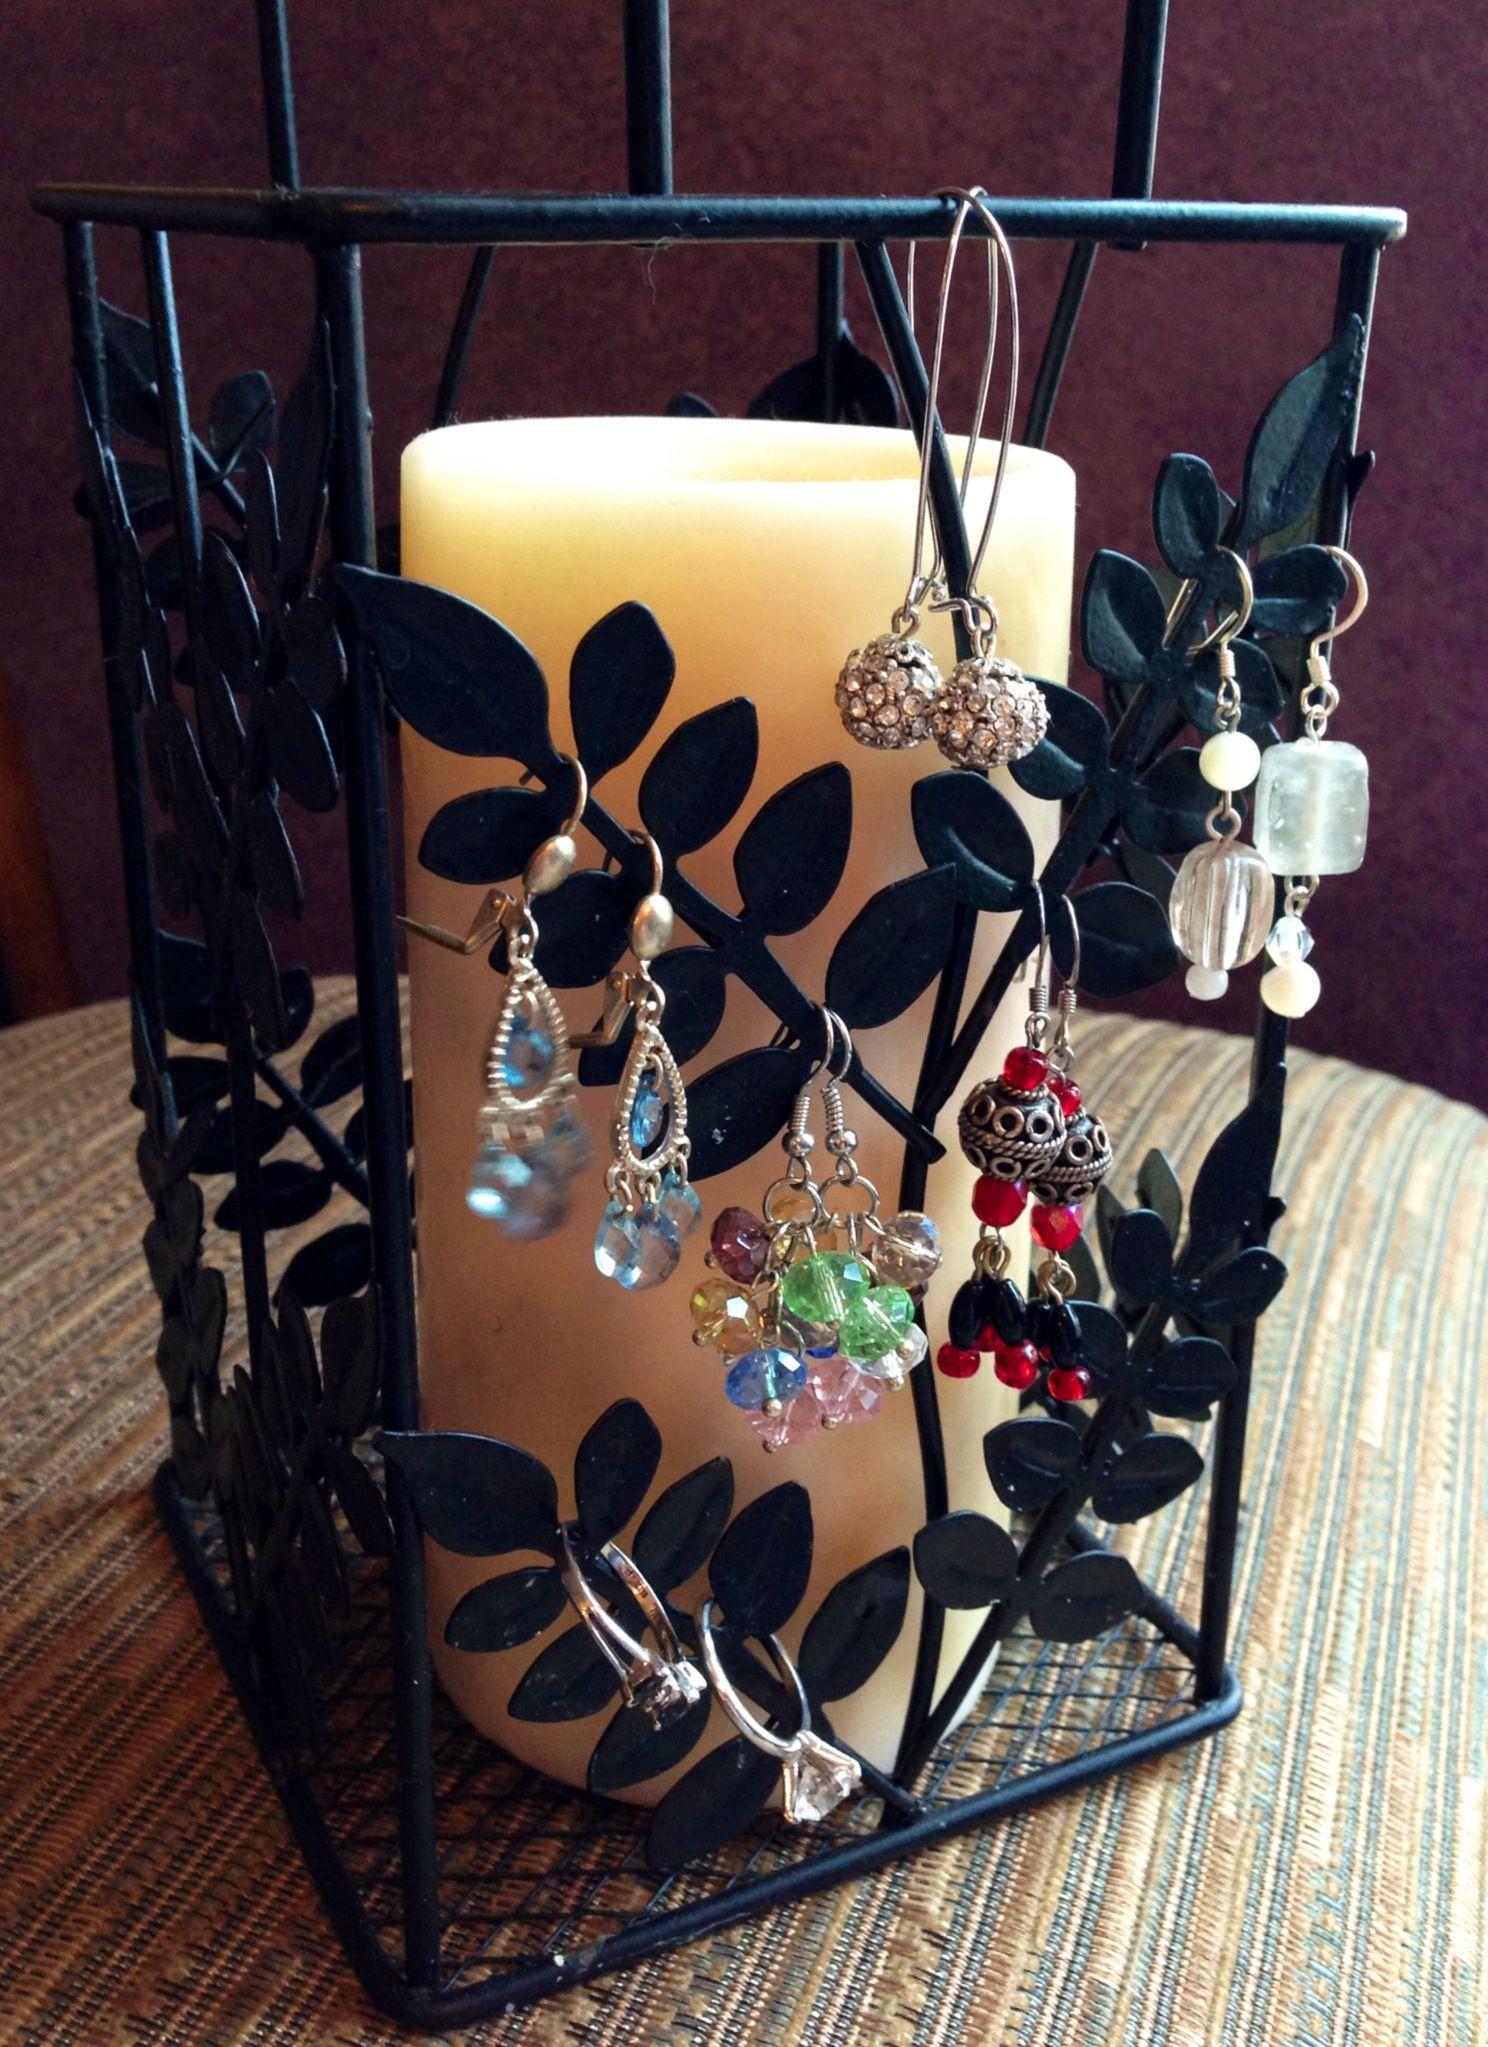 ÐаÑÑинки по запÑоÑÑ storage for jewelry candle holder